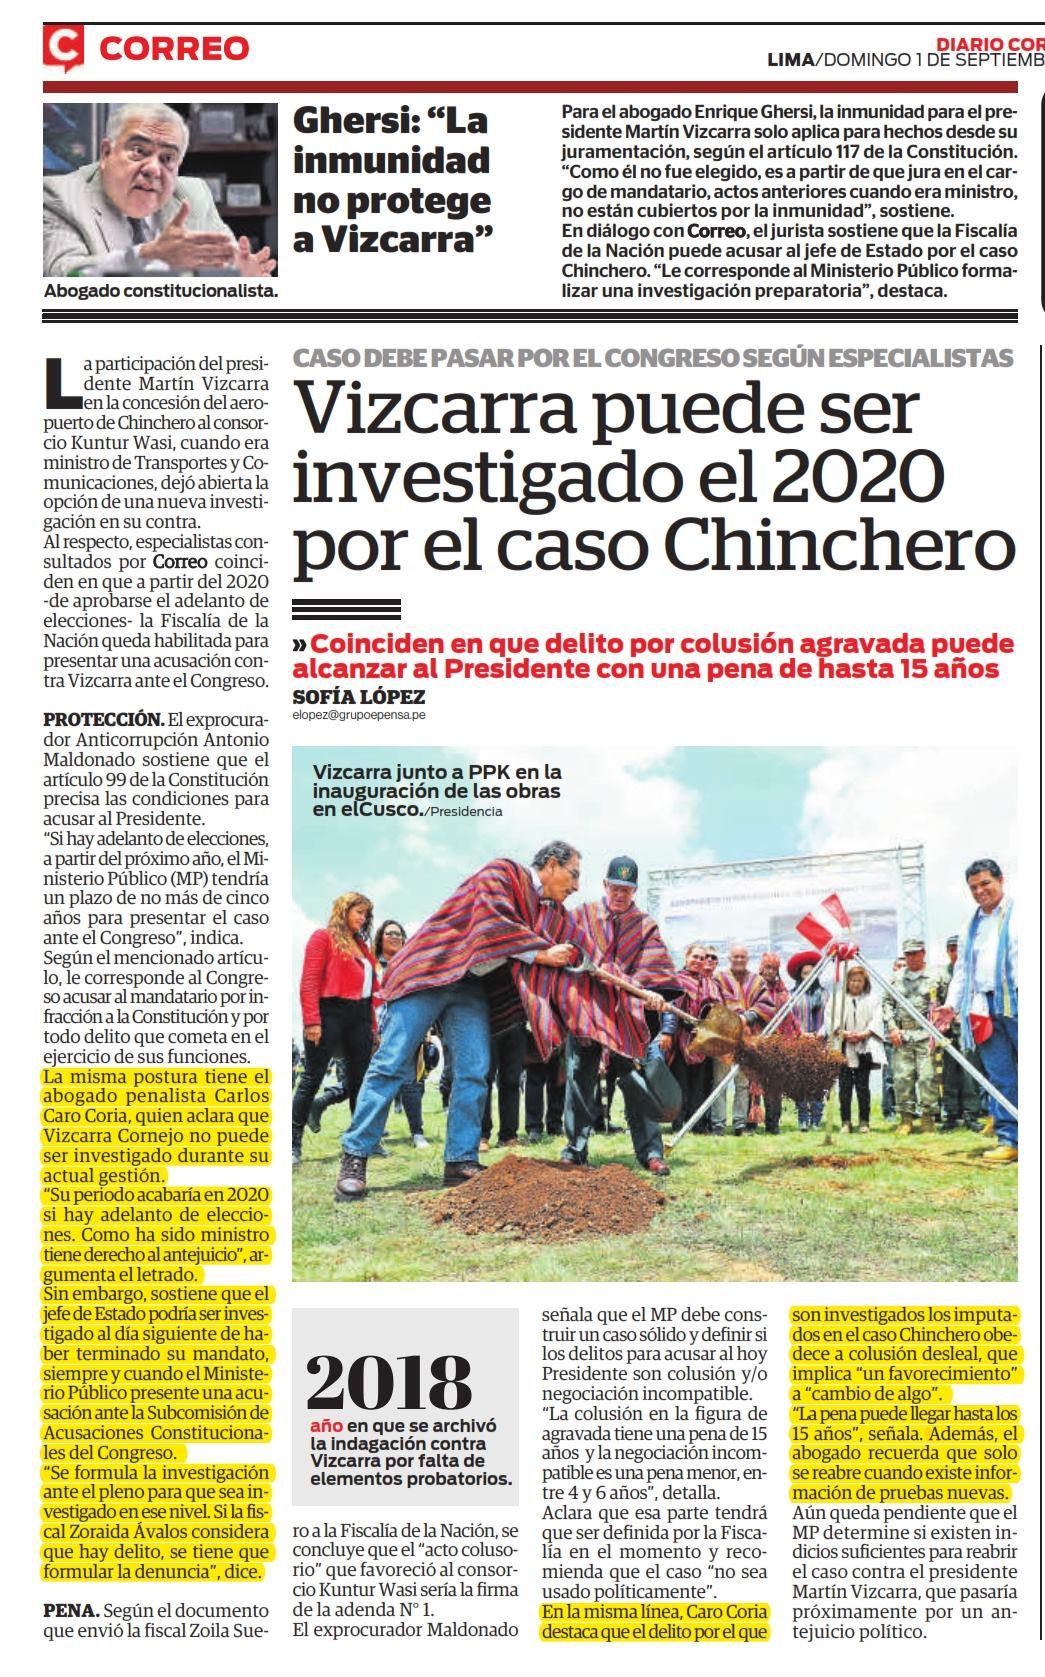 La Posibilidad Que El Presidente, Martín Vizcarra Pueda Ser Investigado Por El Caso Chinchero, Al Terminar Su Mandato.